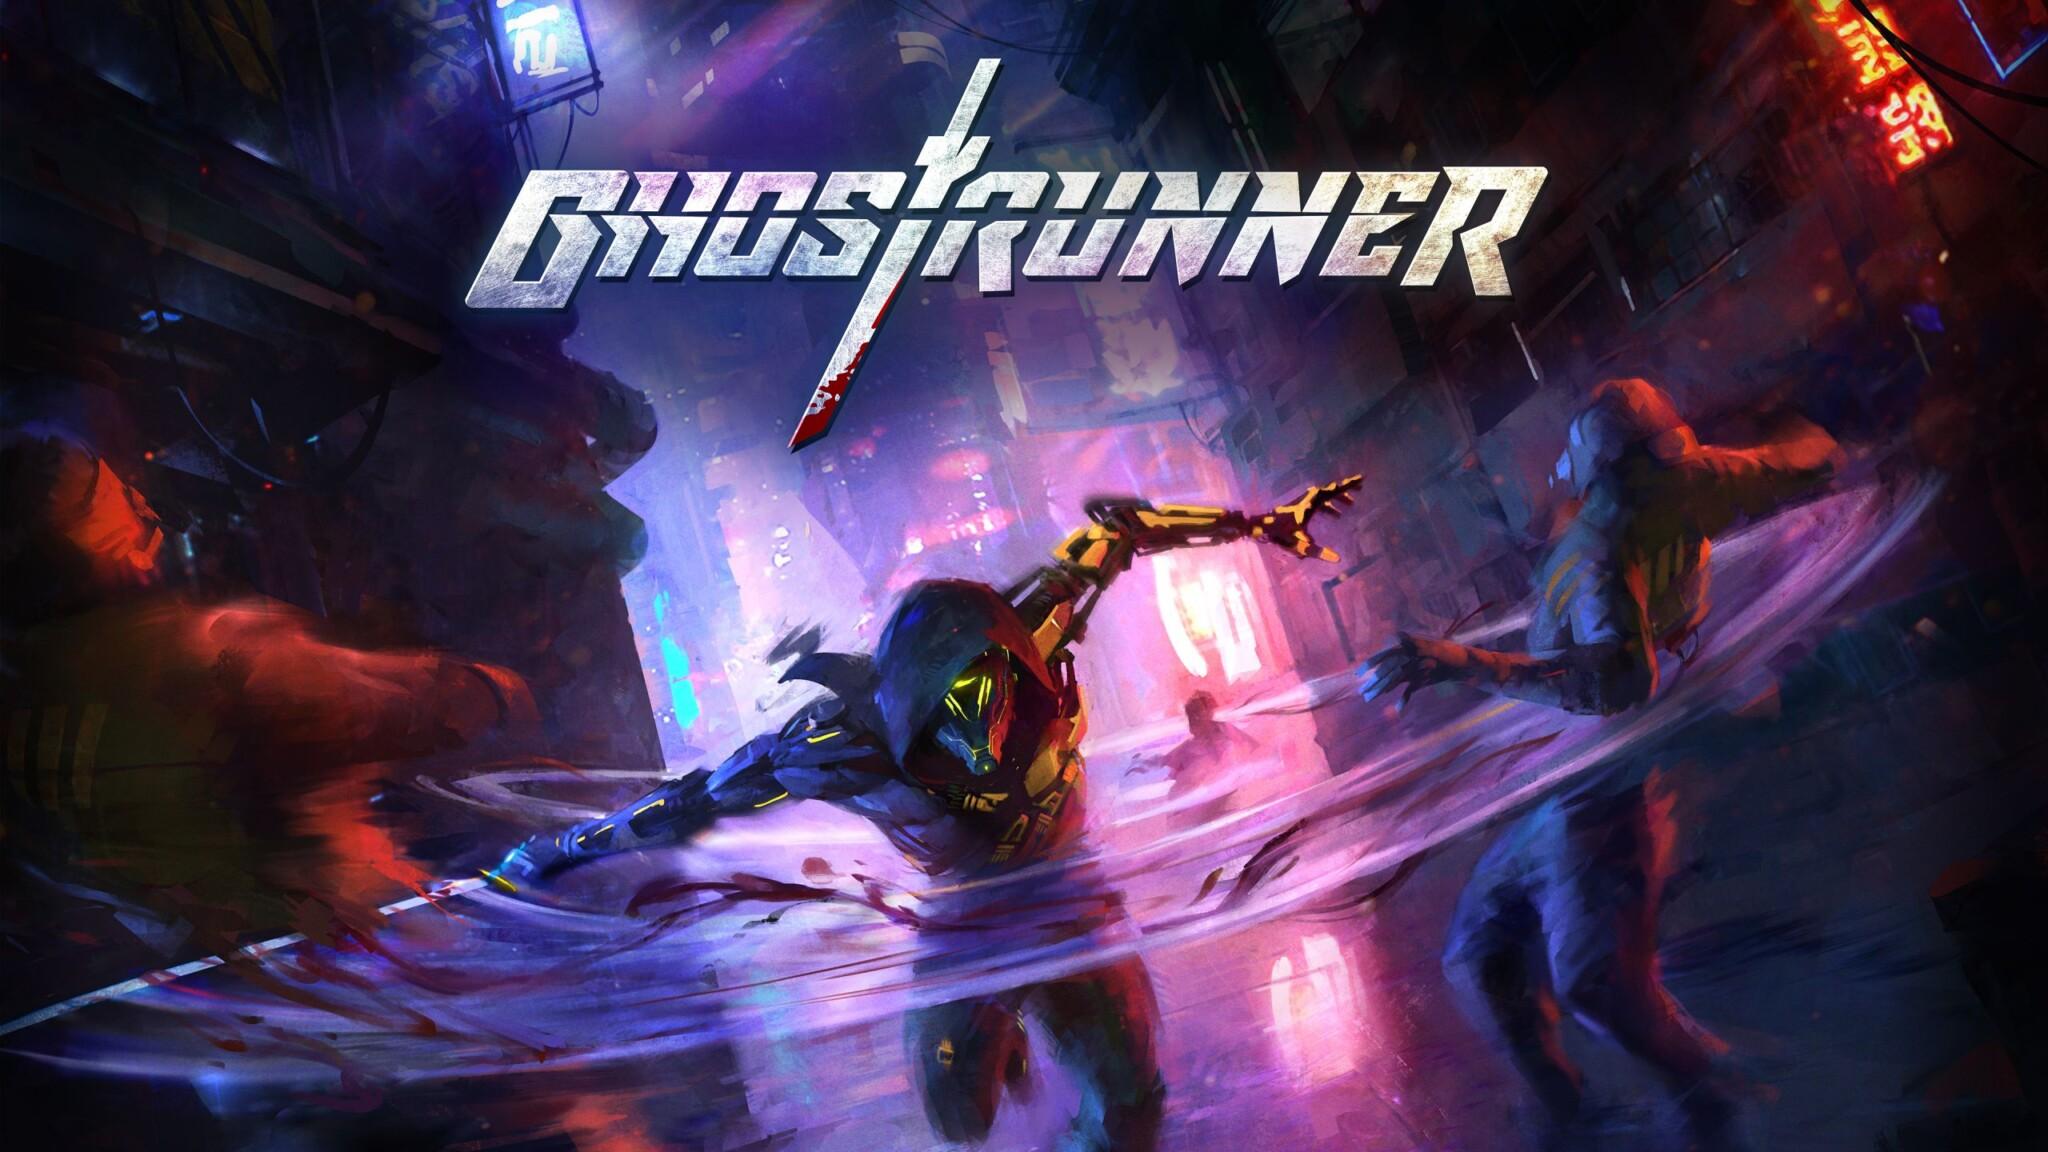 ghostrunner-key-art-scaled-1.jpg